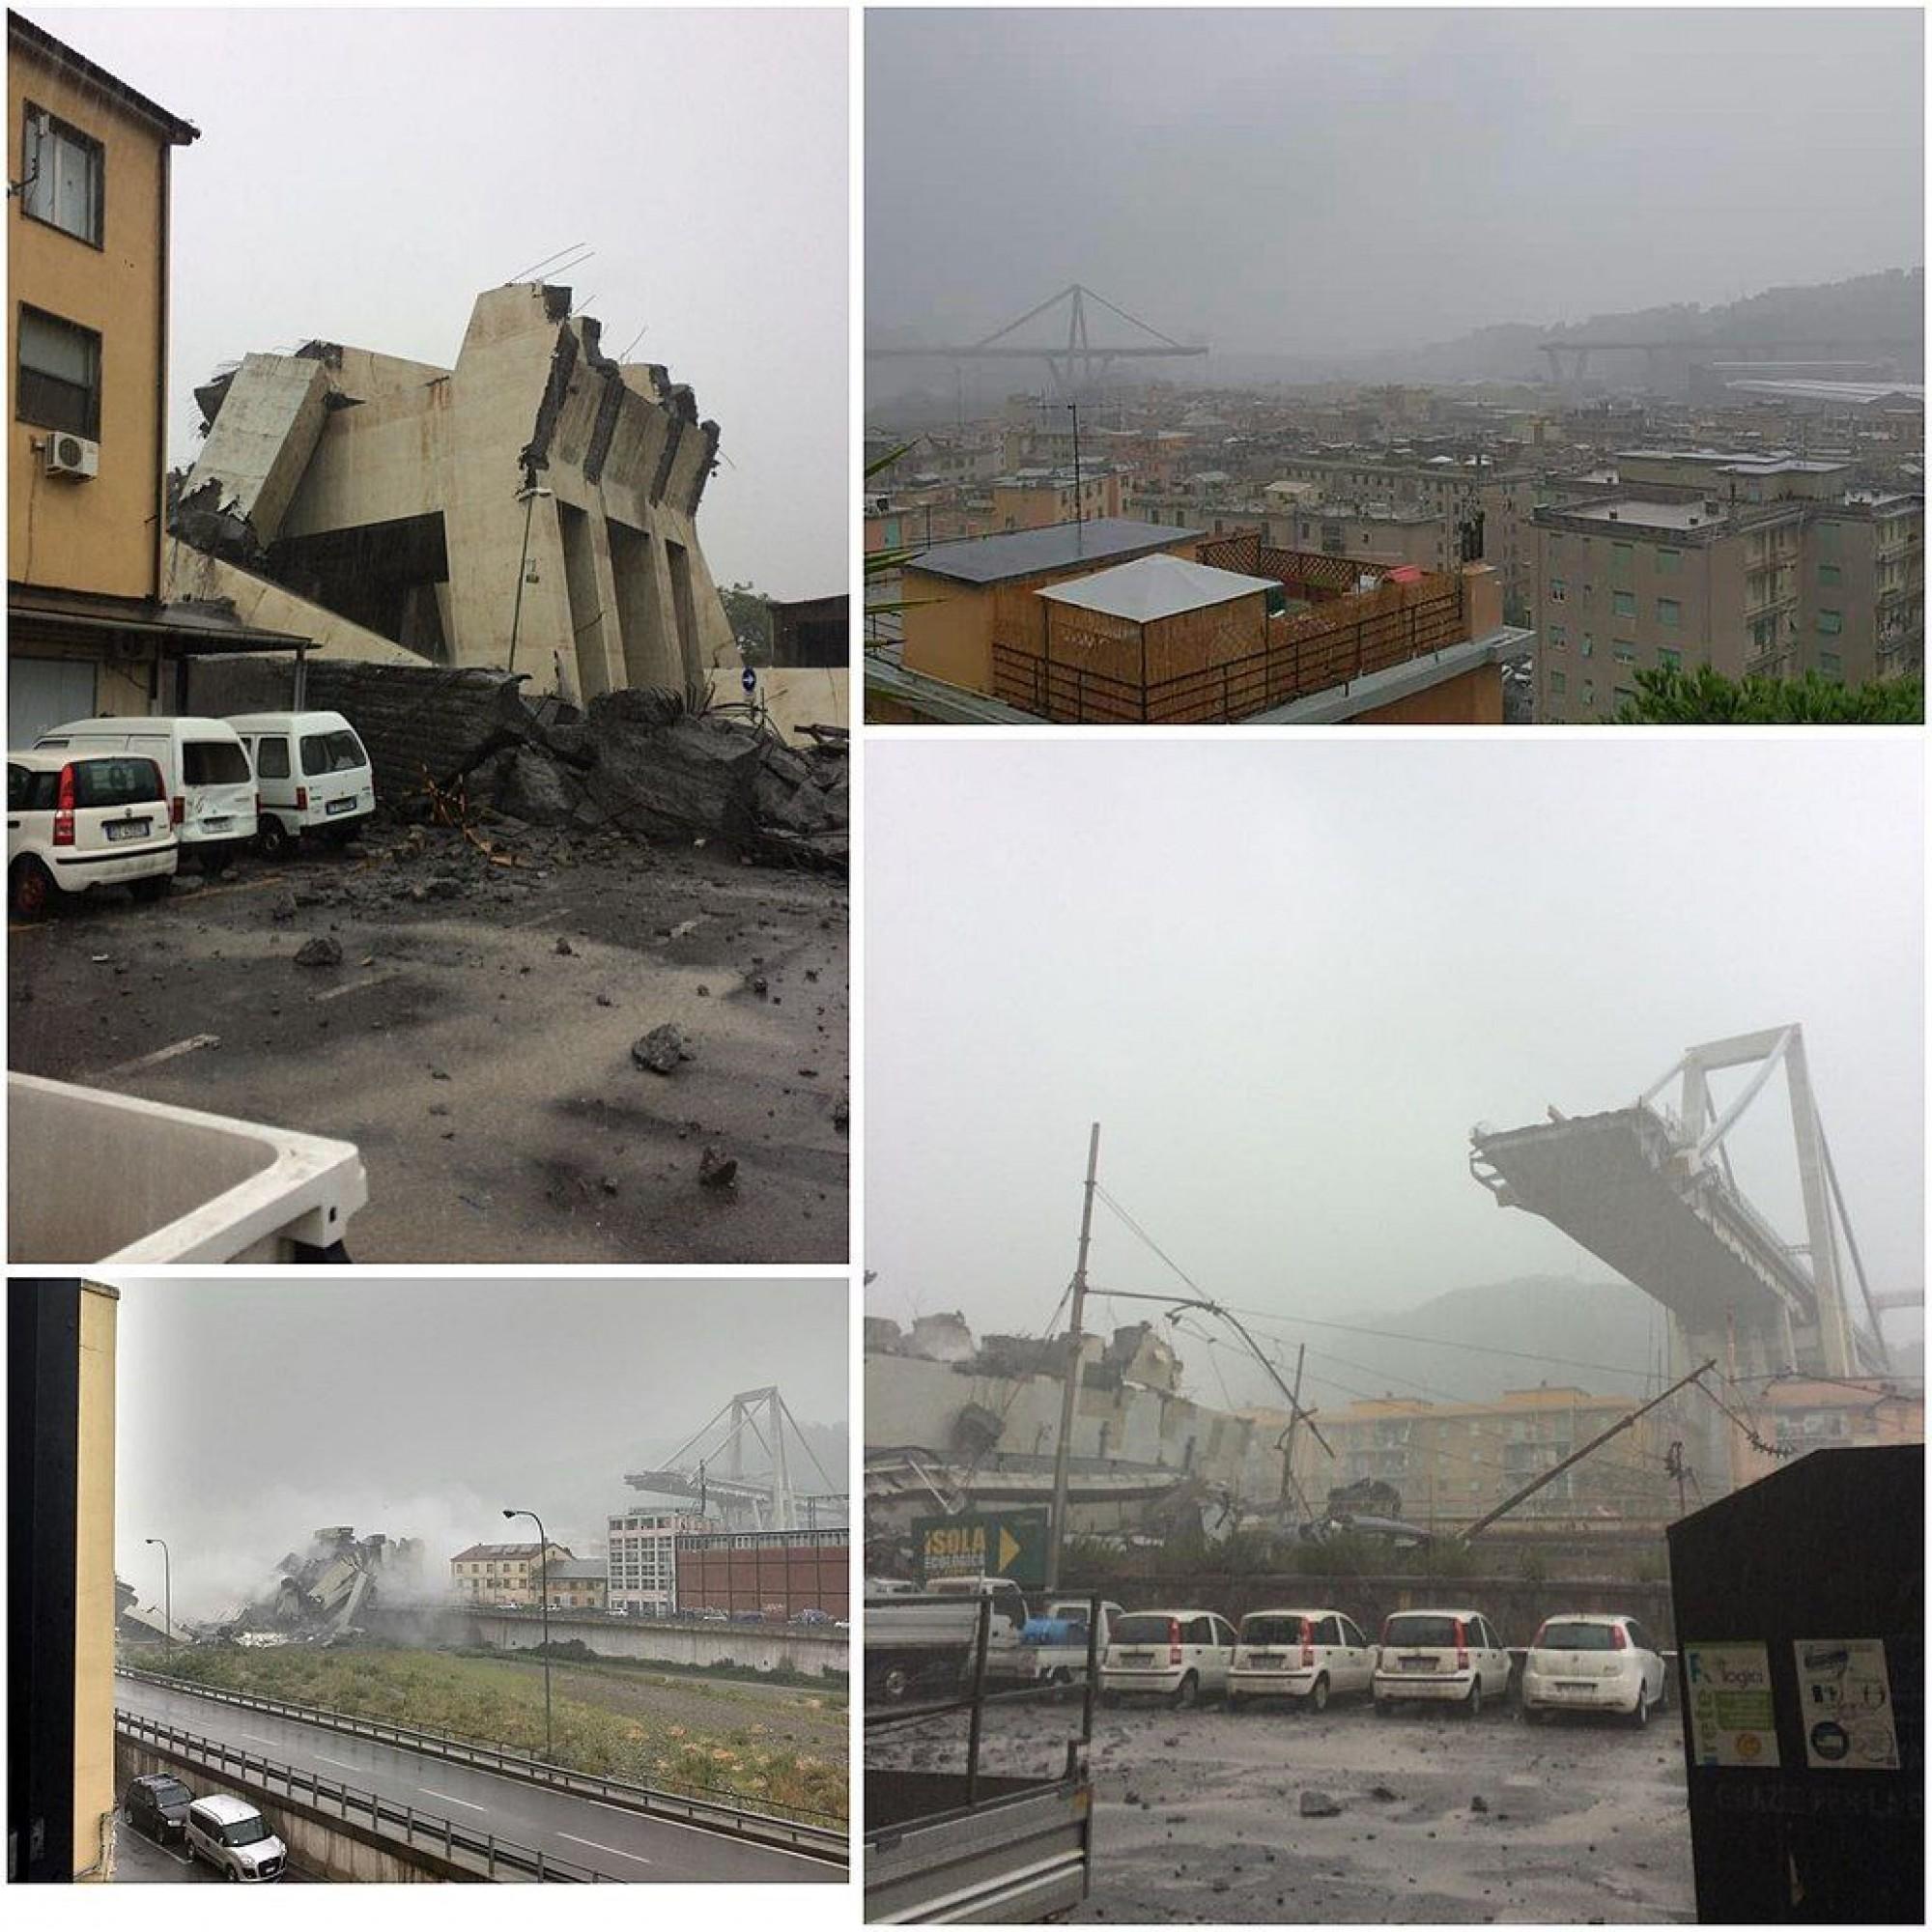 Le 14 août 2018, 43 personnes périssent dans l'écroulement du viaduc. Pour faire table rase de cette catastrophe, six immeubles construits sous le viaduc ont été évacués, des centaines d'habitants déplacés.